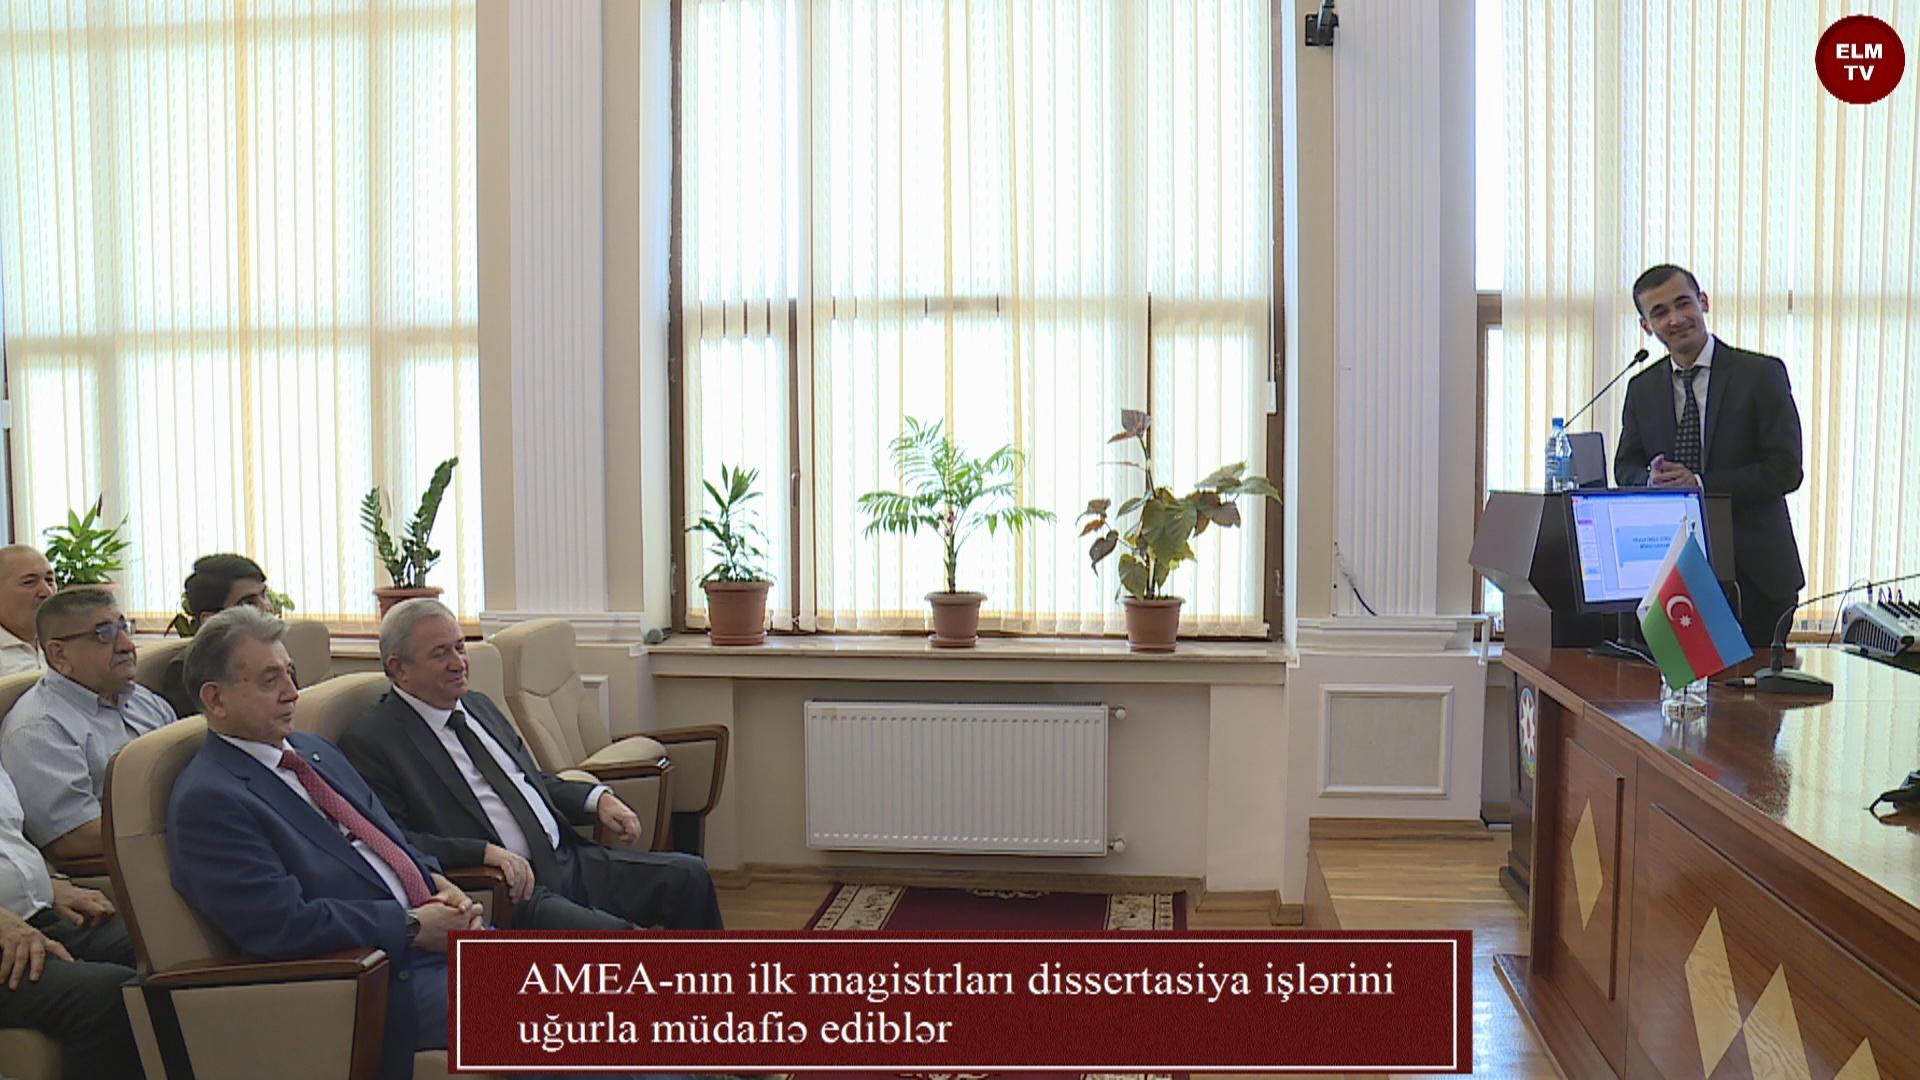 AMEA-nın ilk magistrları dissertasiya işlərini uğurla müdafiə ediblər